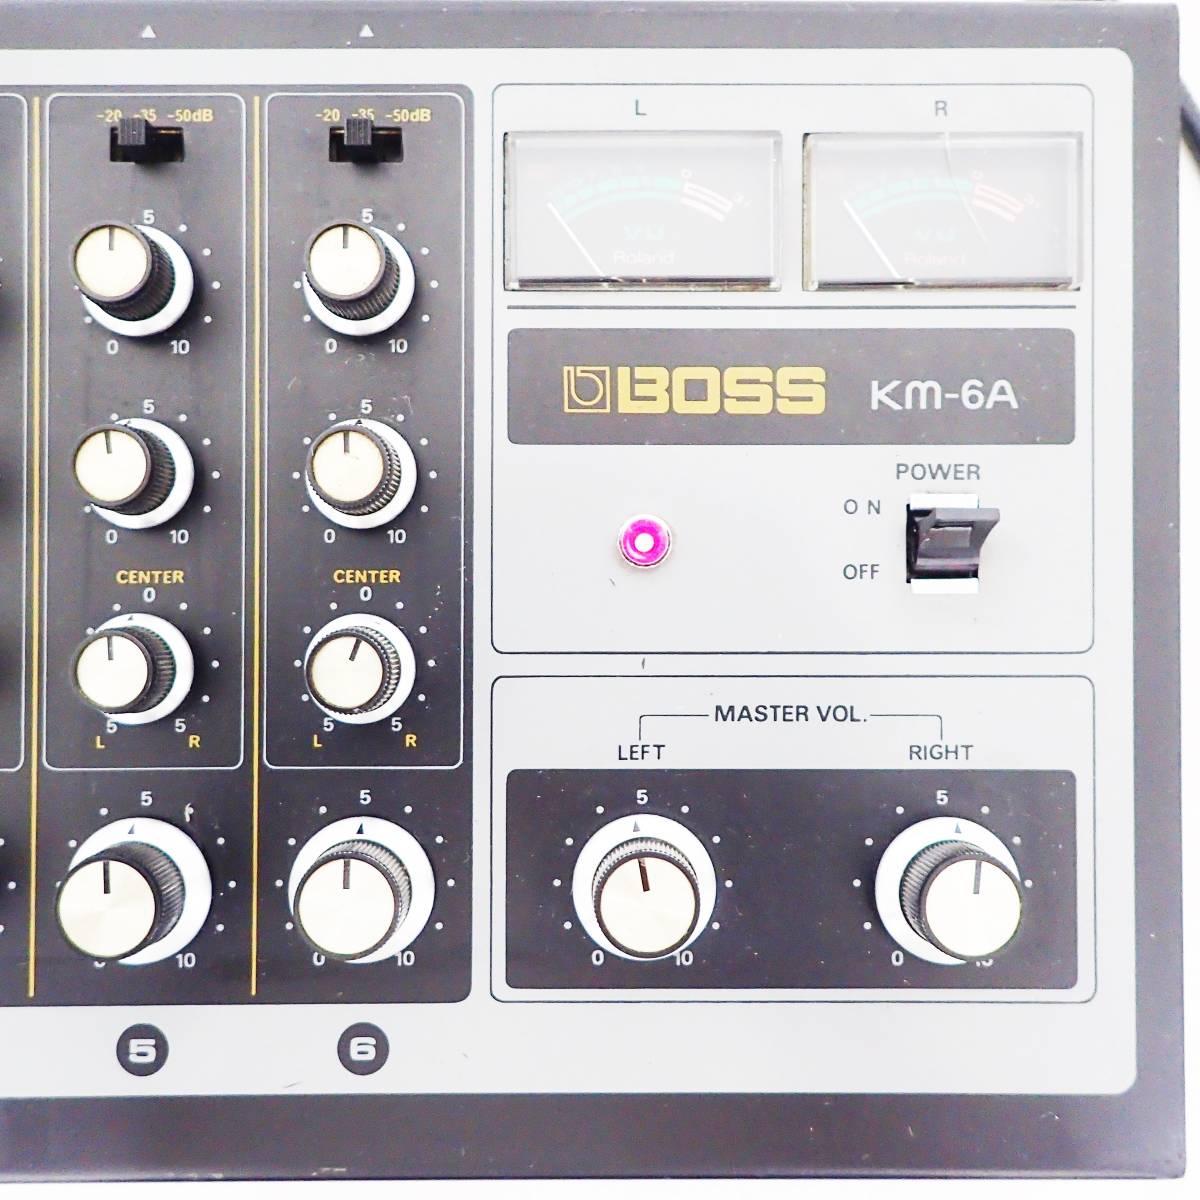 BOSS mixer KM-6A アナログ ミキサー Roland ローランド 通電確認済み  B01_画像8